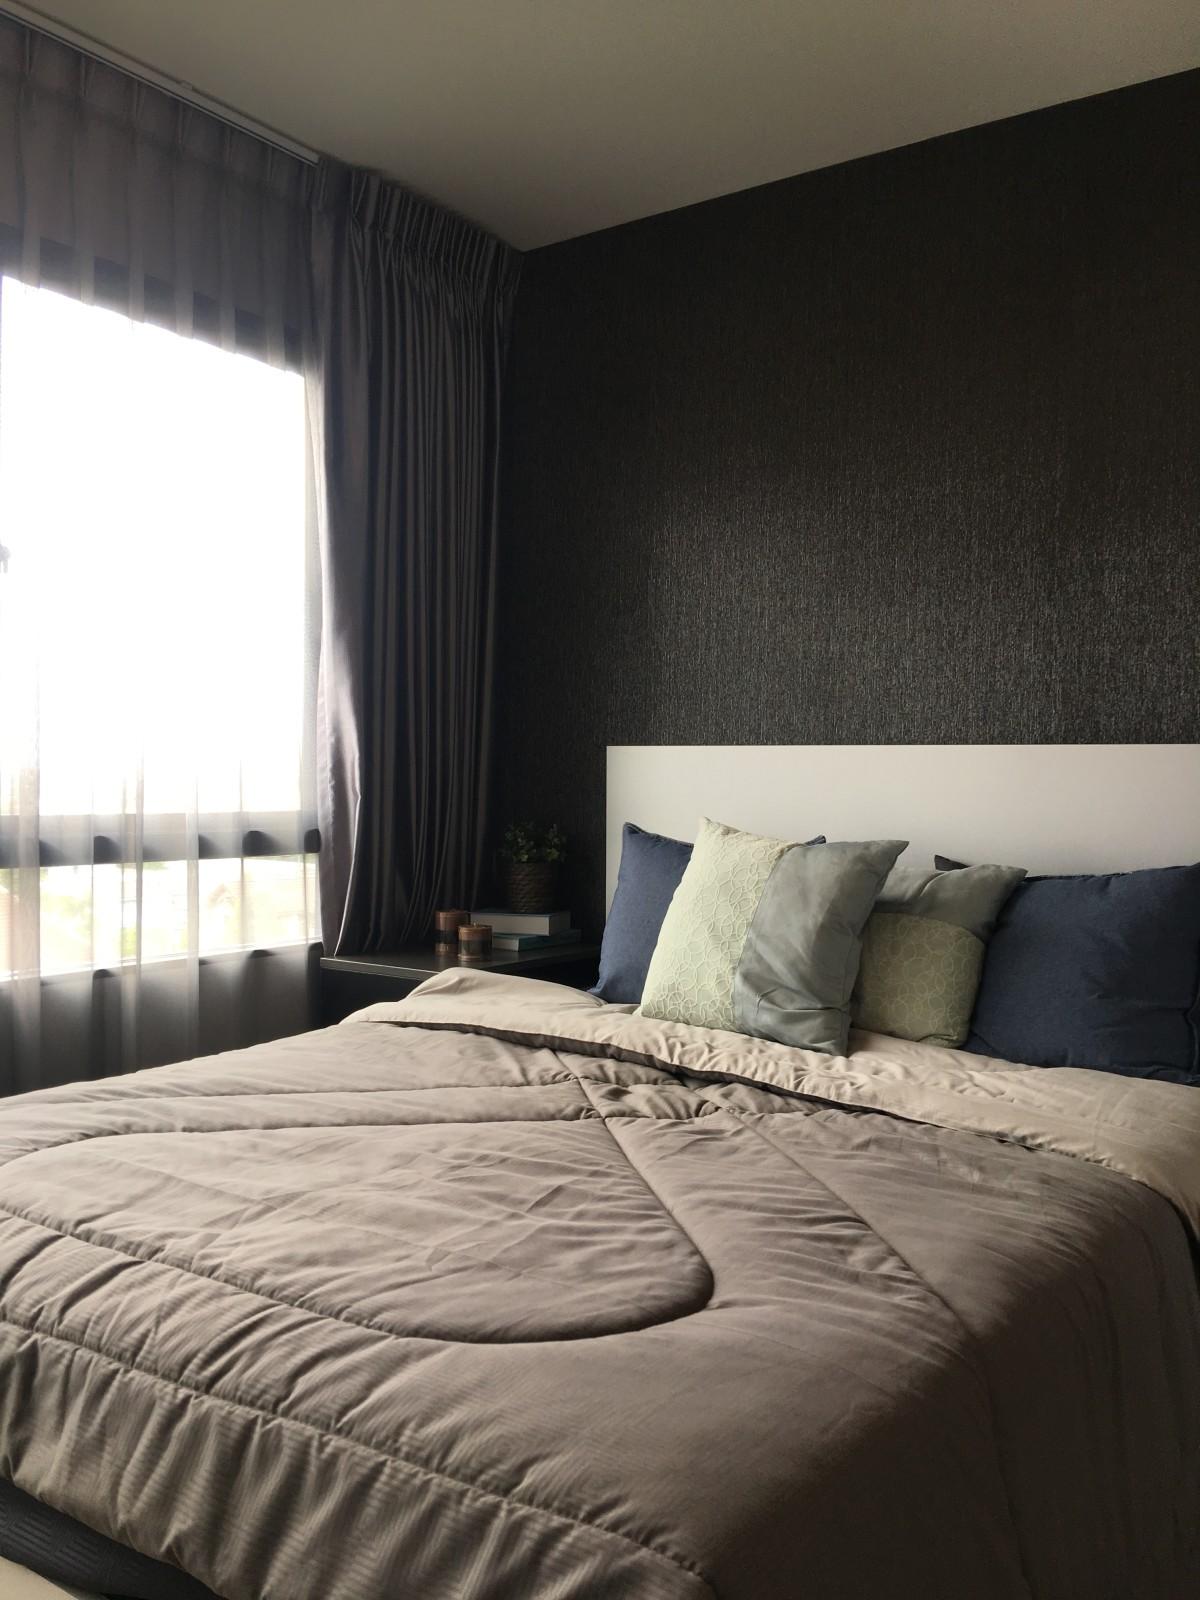 ประกาศขายคอนโด 1 ห้องนอน แบบครัวแยก โครงการ เอชทู ตึก โกลว์(H2 Condo)